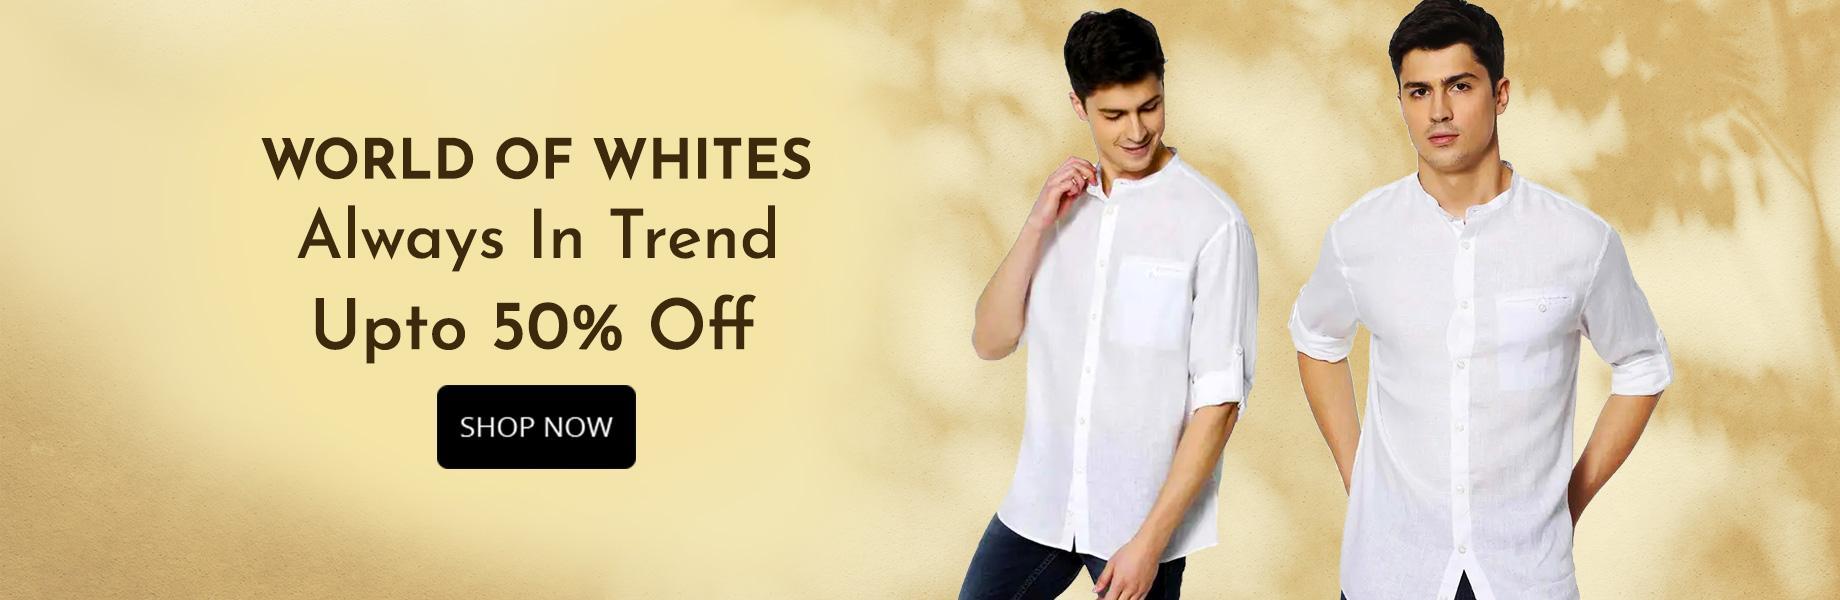 WORLD-OF-WHITES-